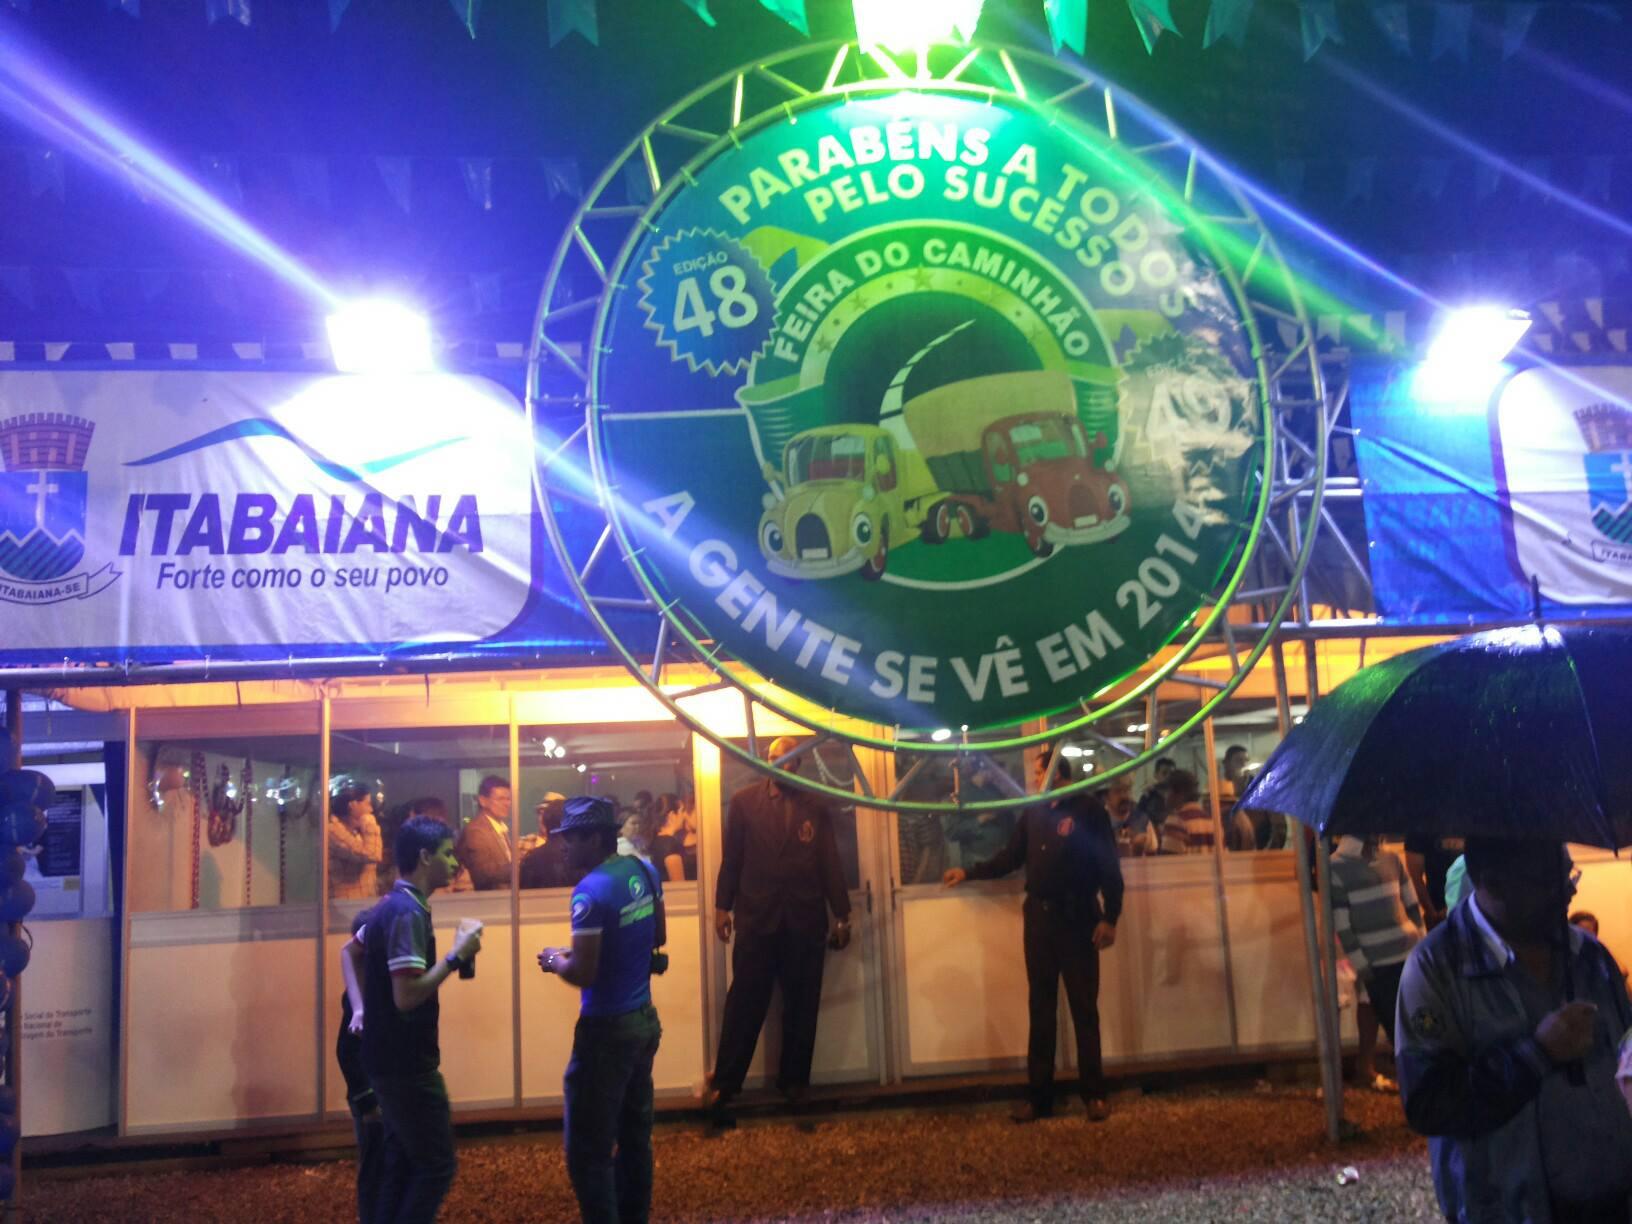 48ª Feira do Caminhão em Itabaiana 2013